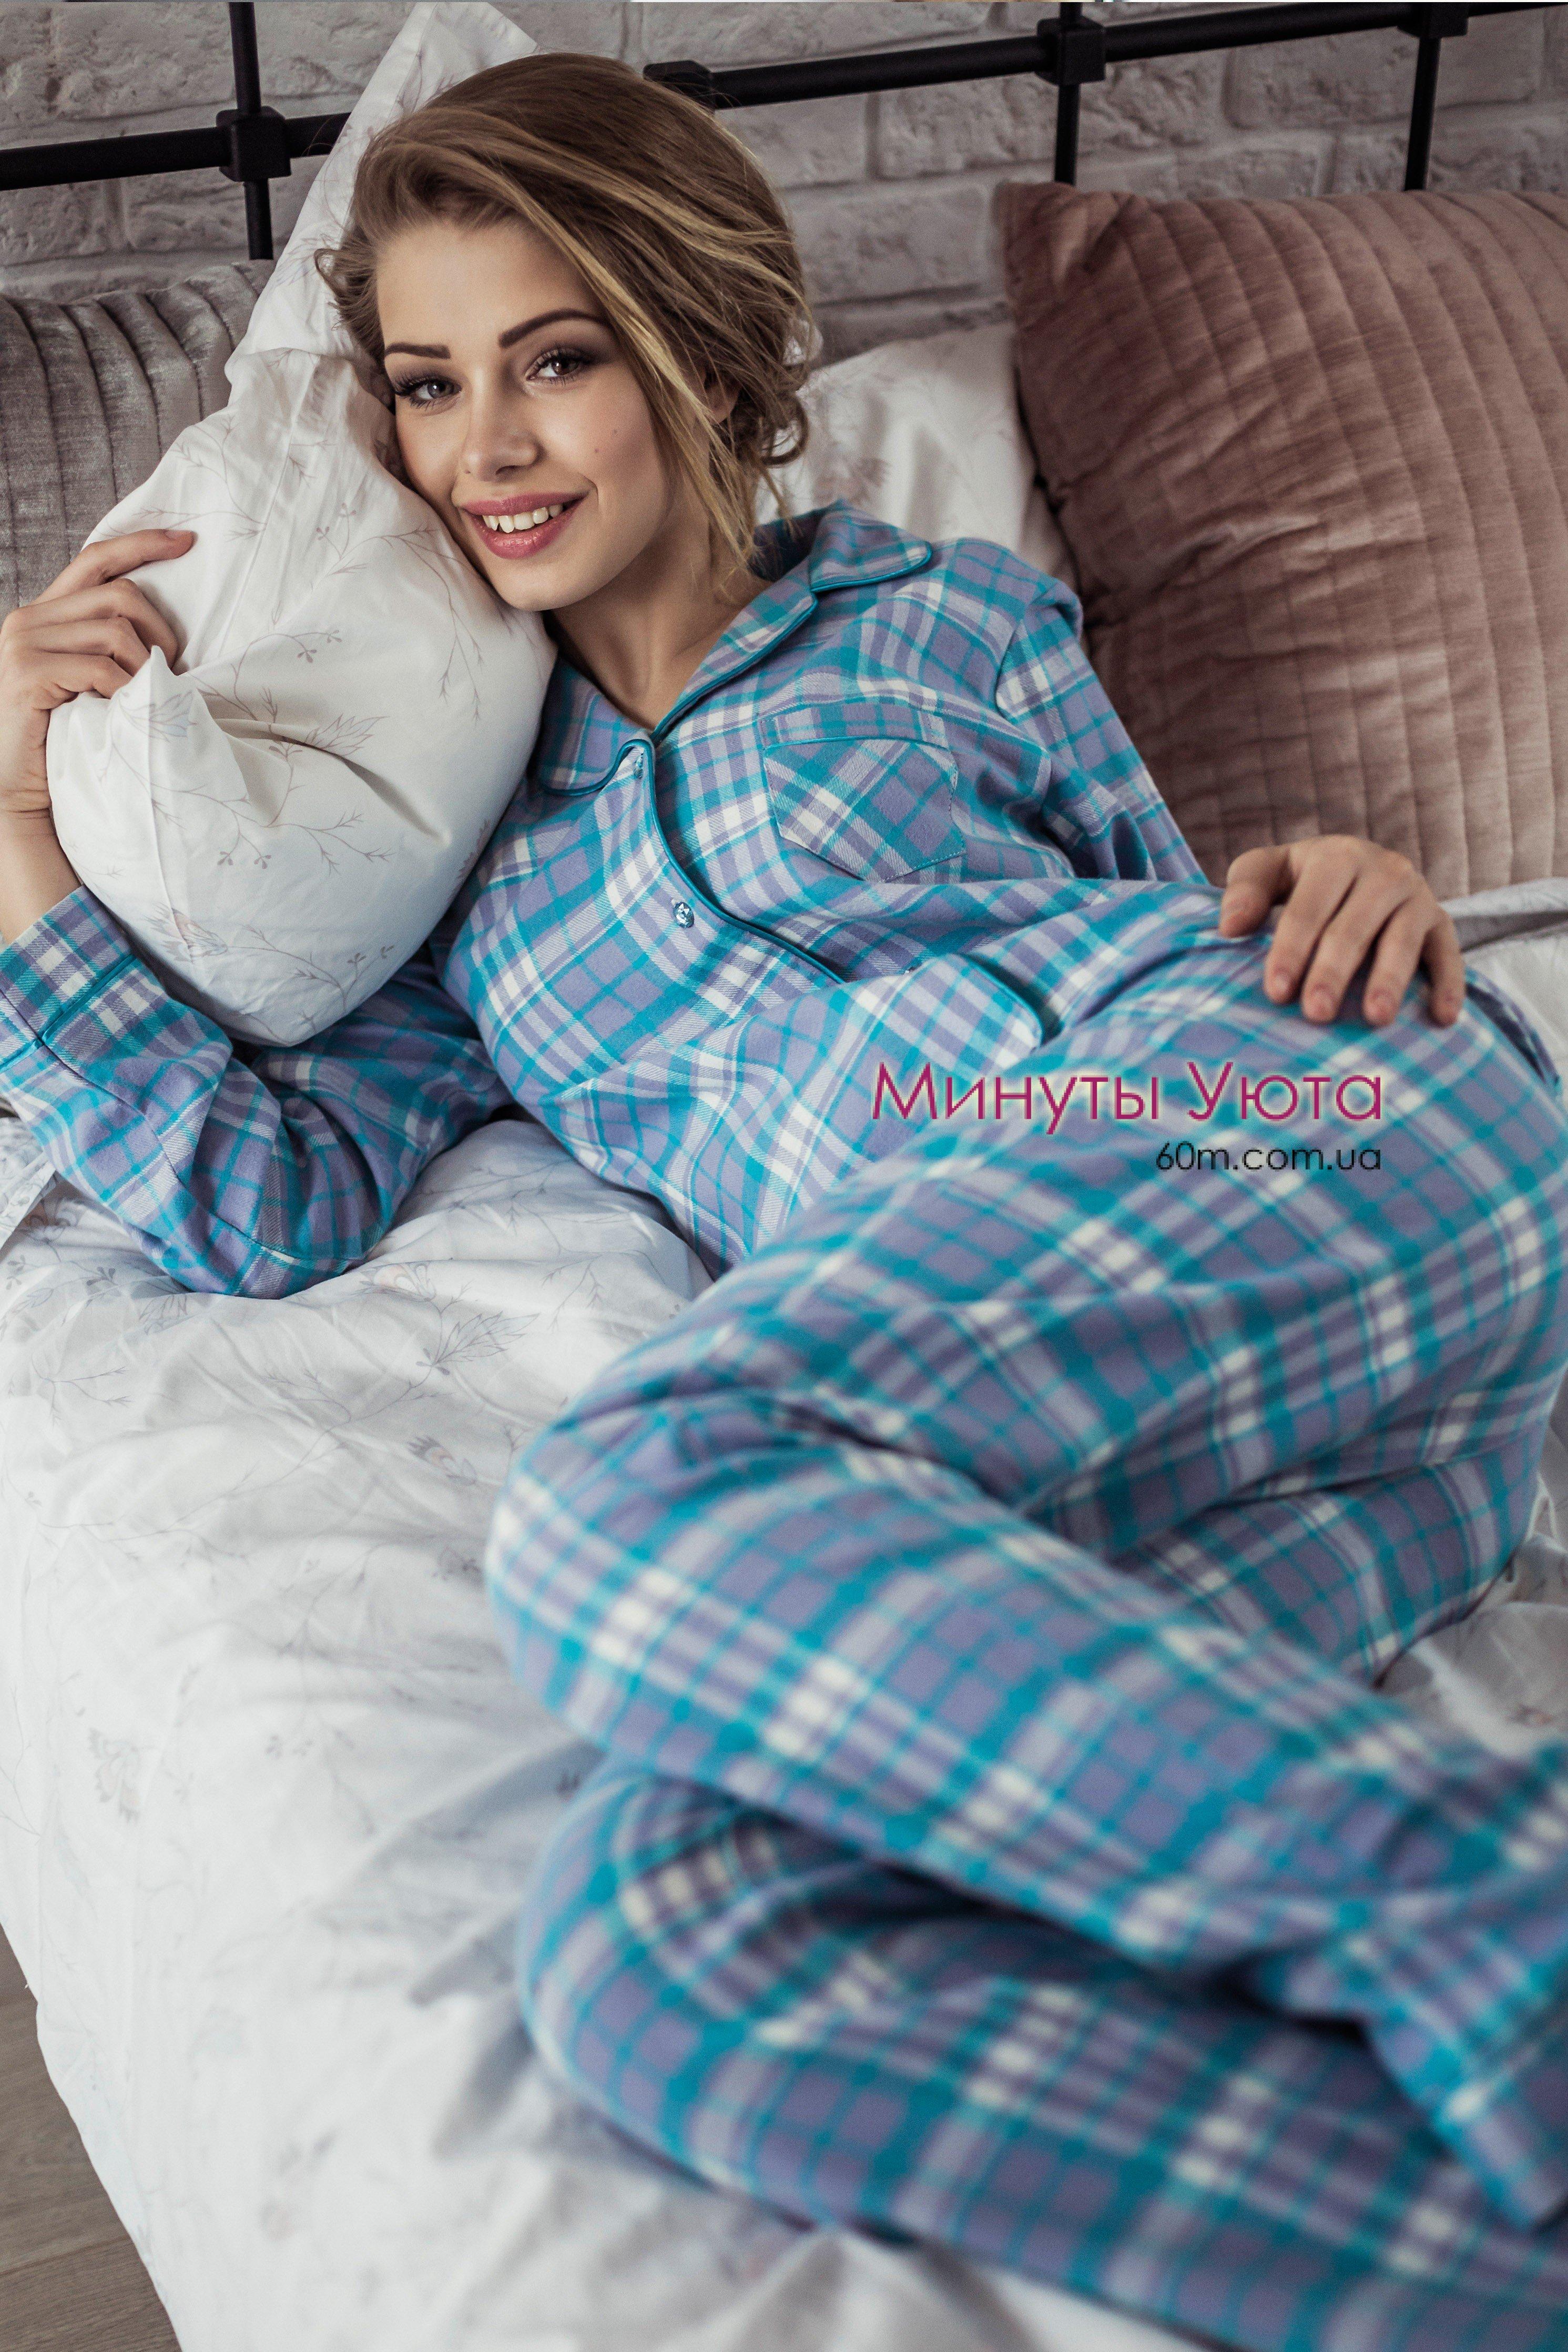 Фланелевая пижама в клетку на пуговицах - купить b79788dc15621